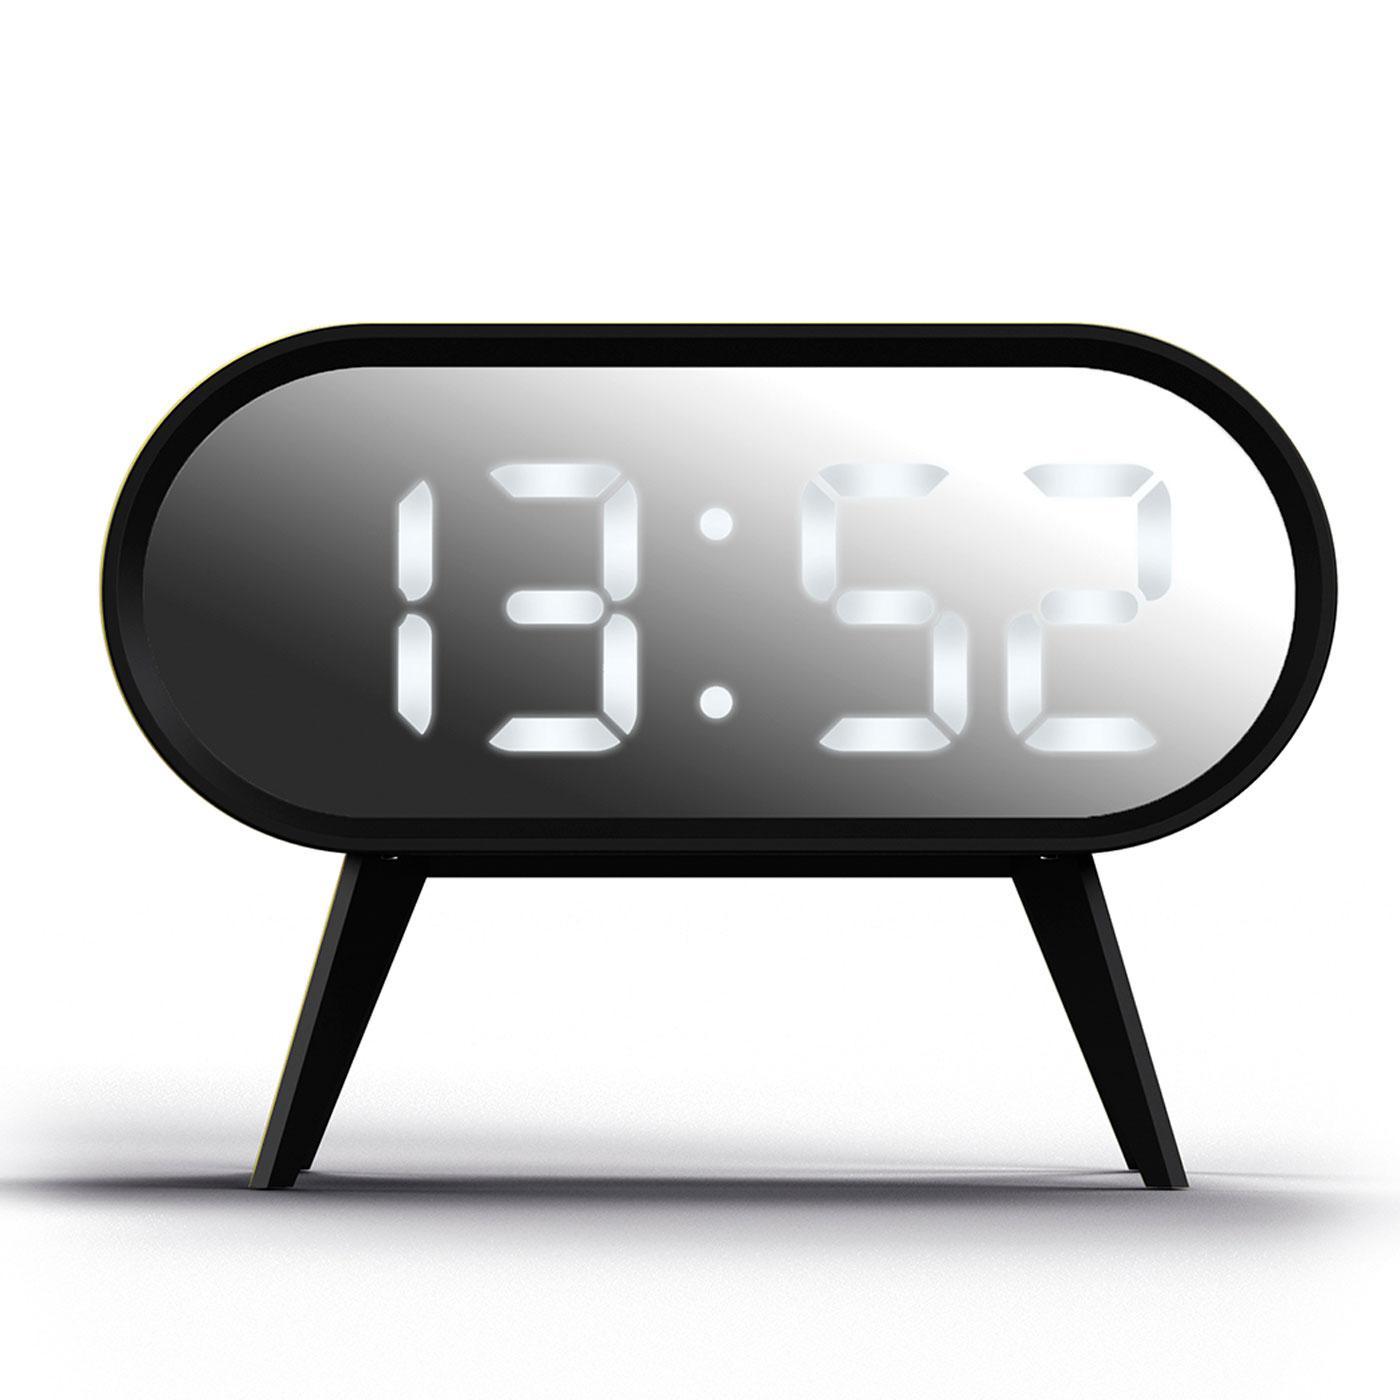 SPACE HOTEL BY NEWGATE CLOCKS Cyborg Alarm Clock